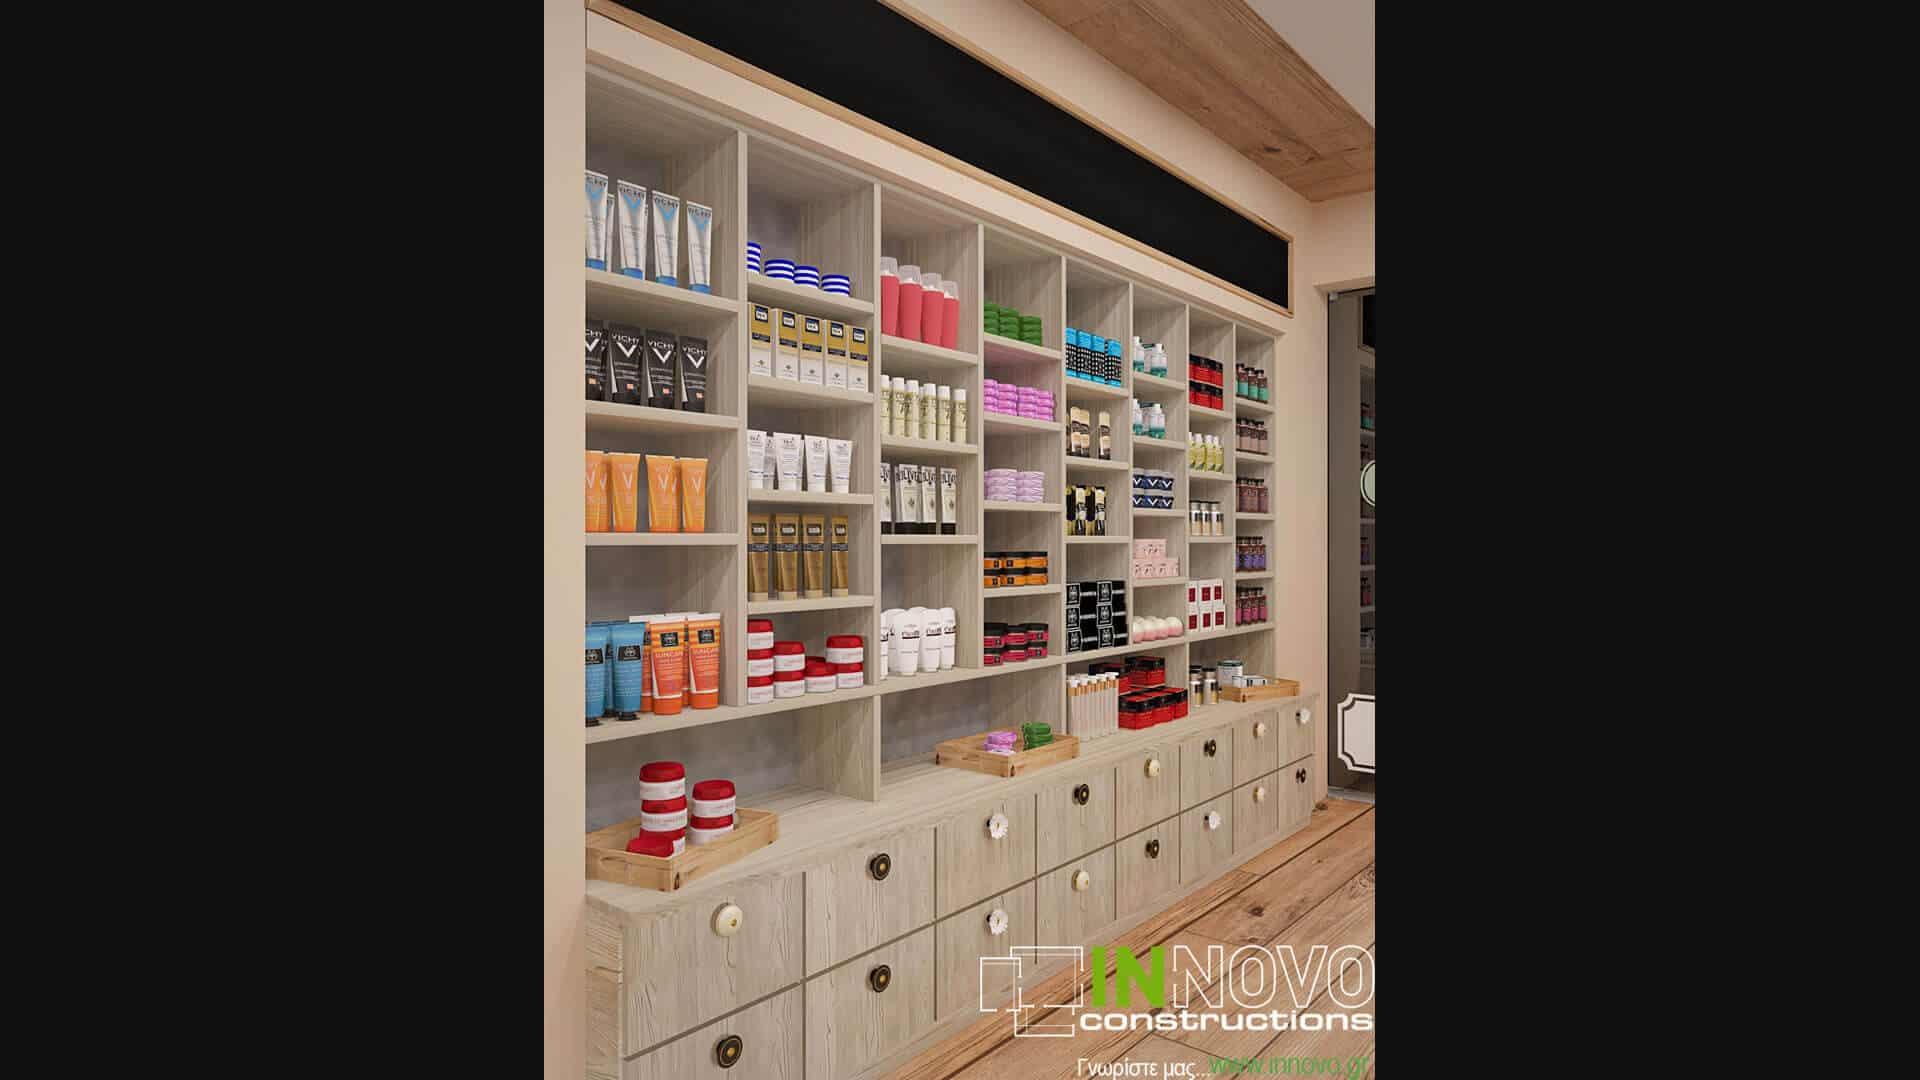 Σχεδιασμός χώρου και κατασκευή φαρμακείου στην Καλλιθέα